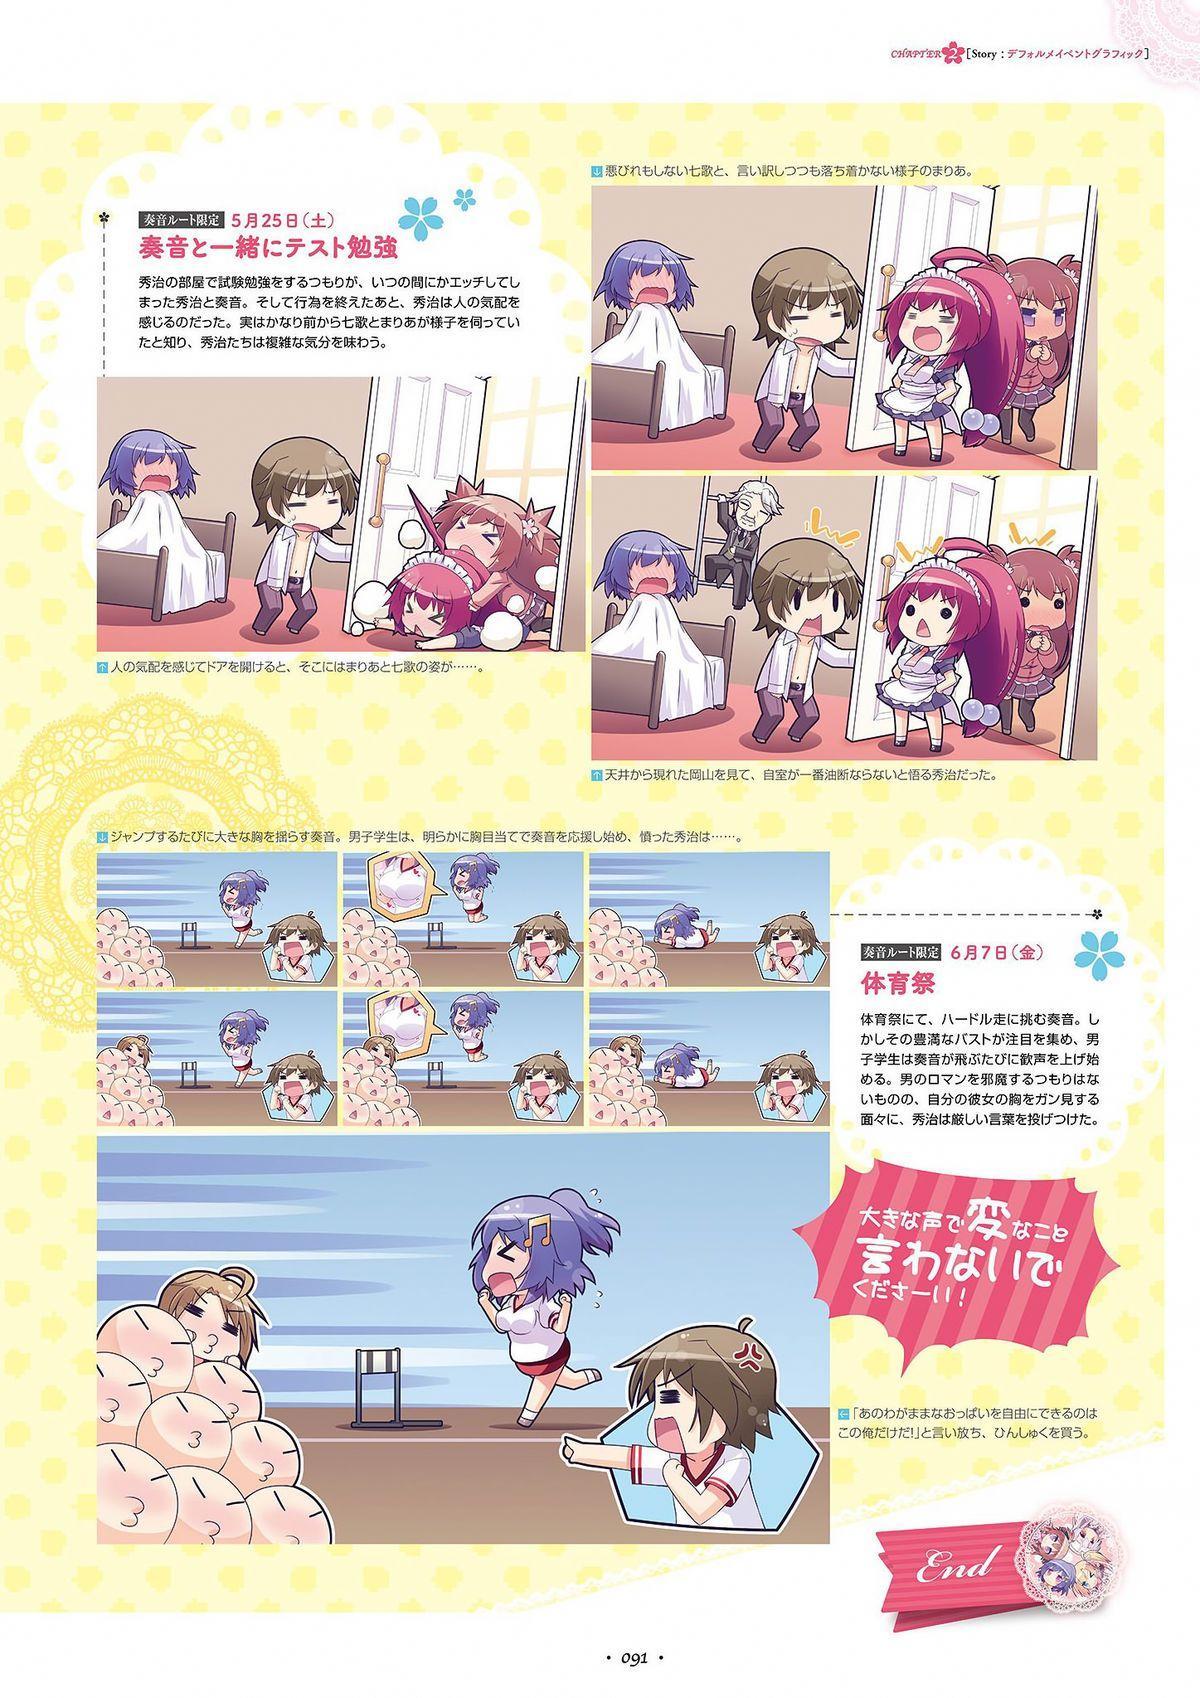 Shukufuku no Kane no Oto wa, Sakura-iro no Kaze to Tomo ni Visual Fanbook 92